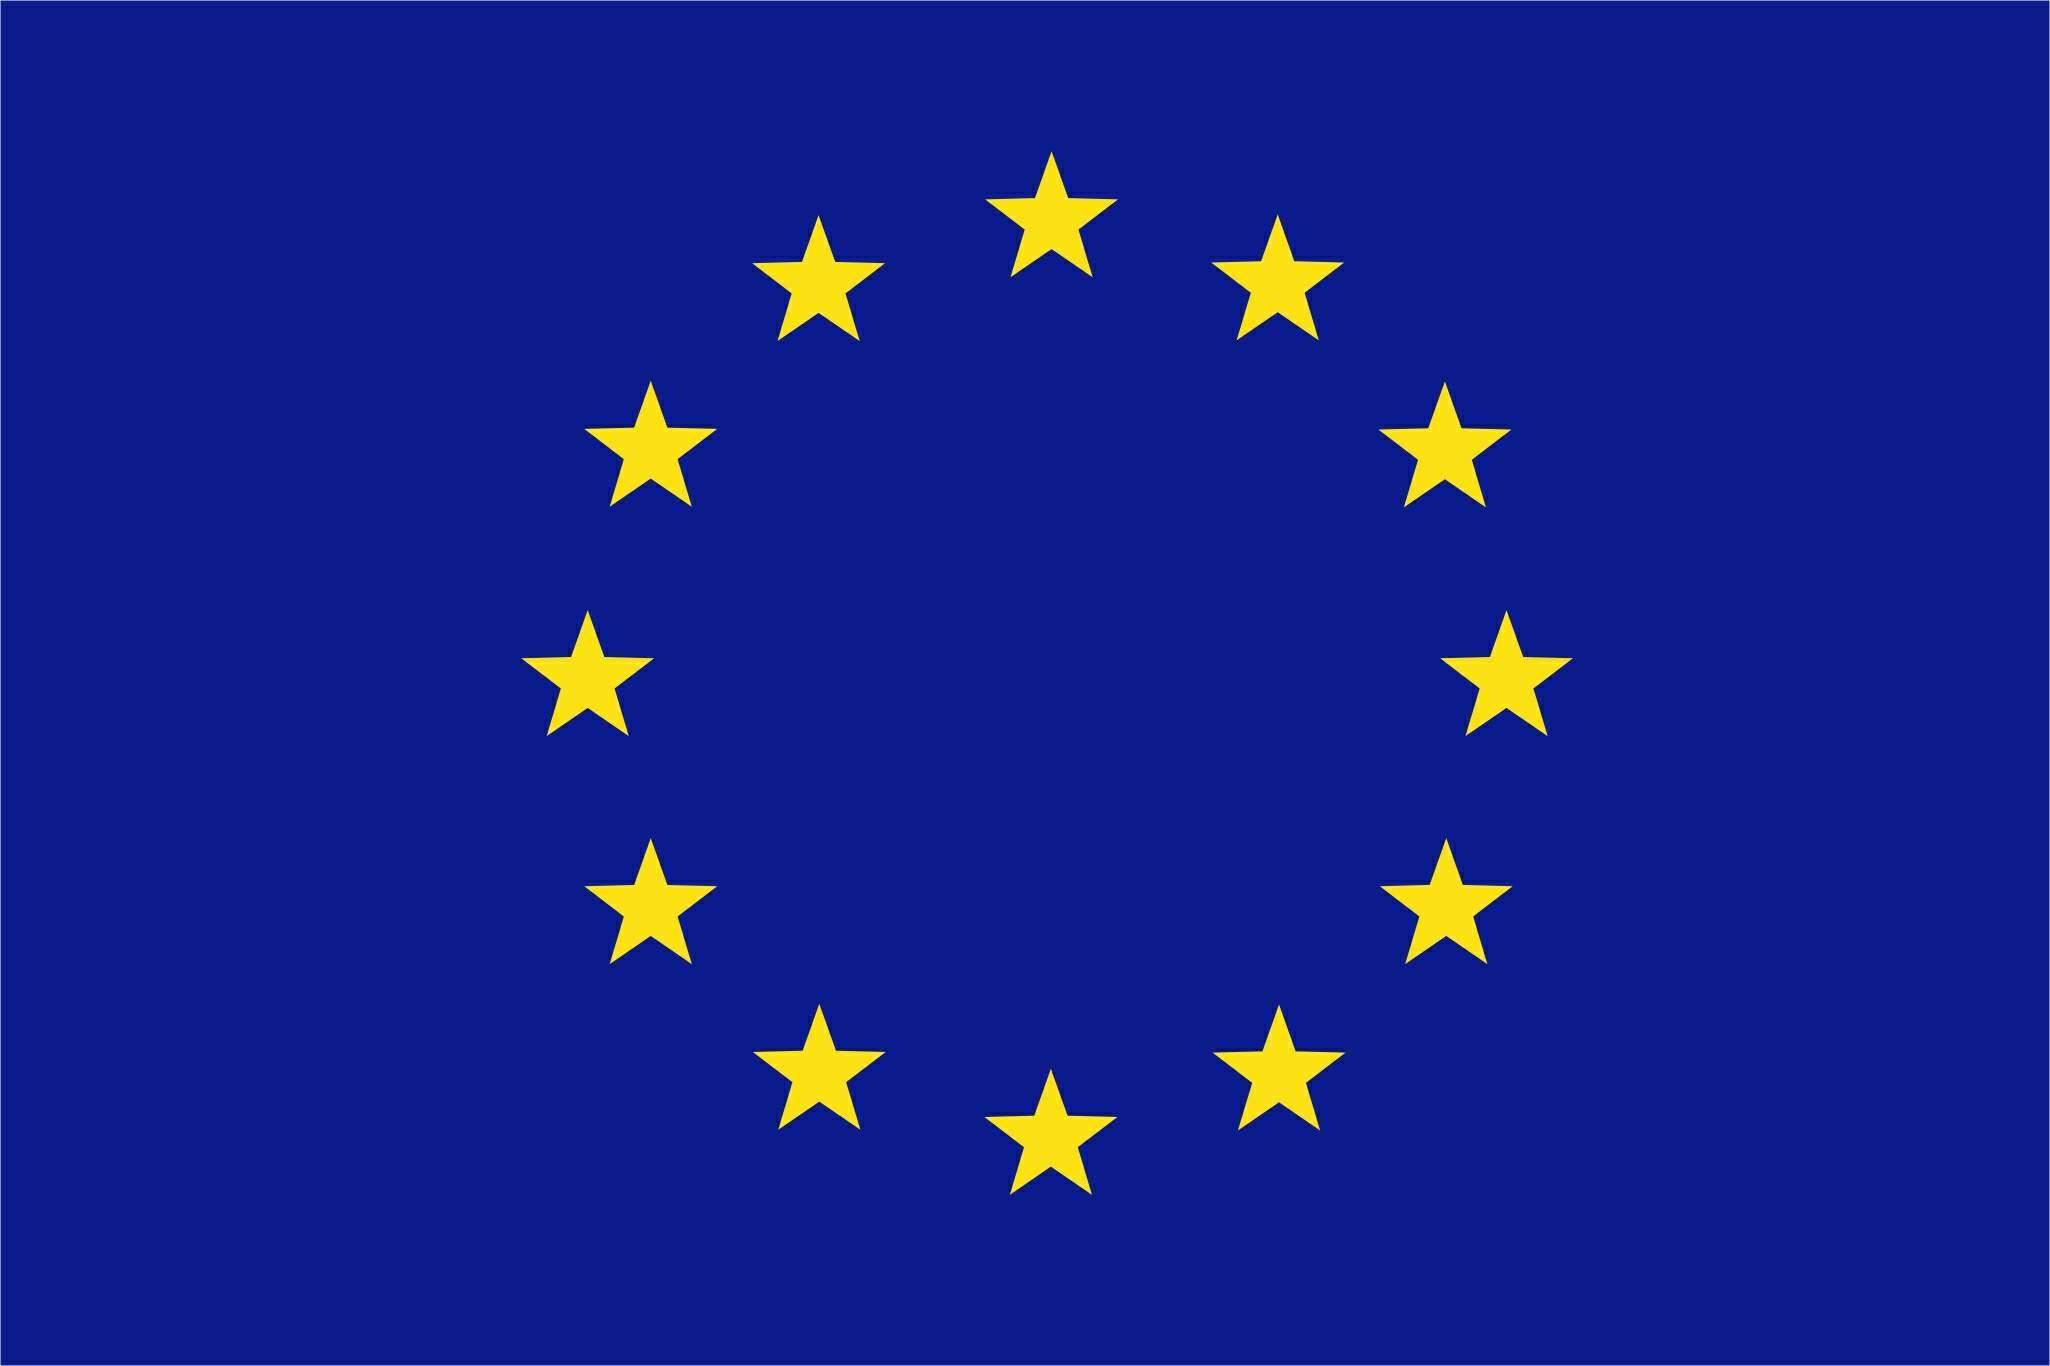 สหภาพยุโรป EU